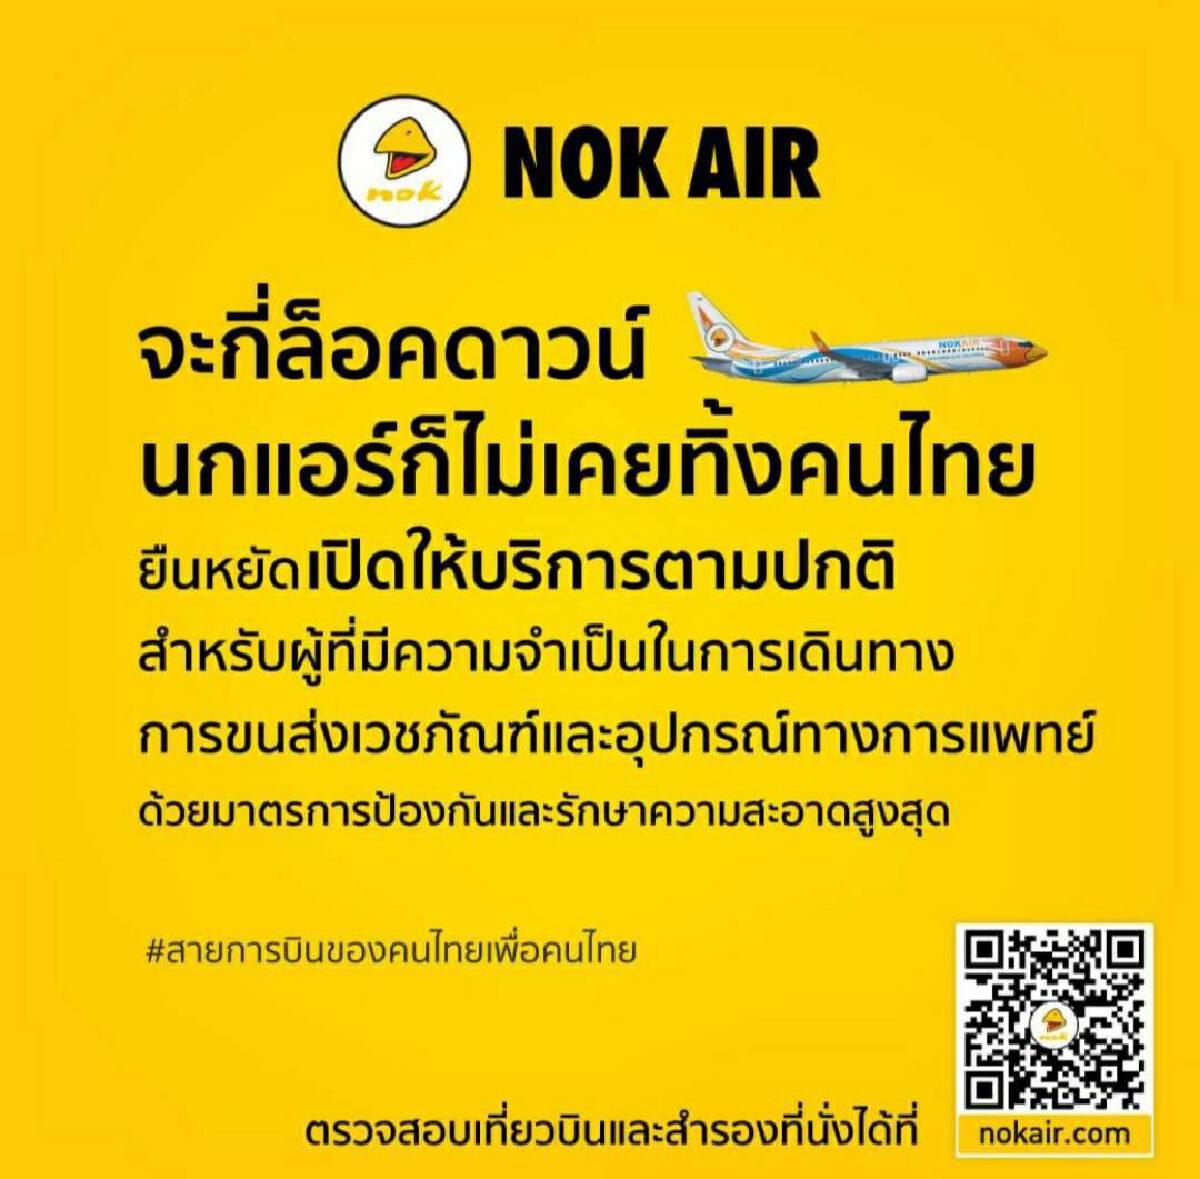 ล็อกดาวน์กี่ครั้ง ไทยเวียตเจ็ท-นกแอร์ ยังยืนหยัดเปิดบินในประเทศ